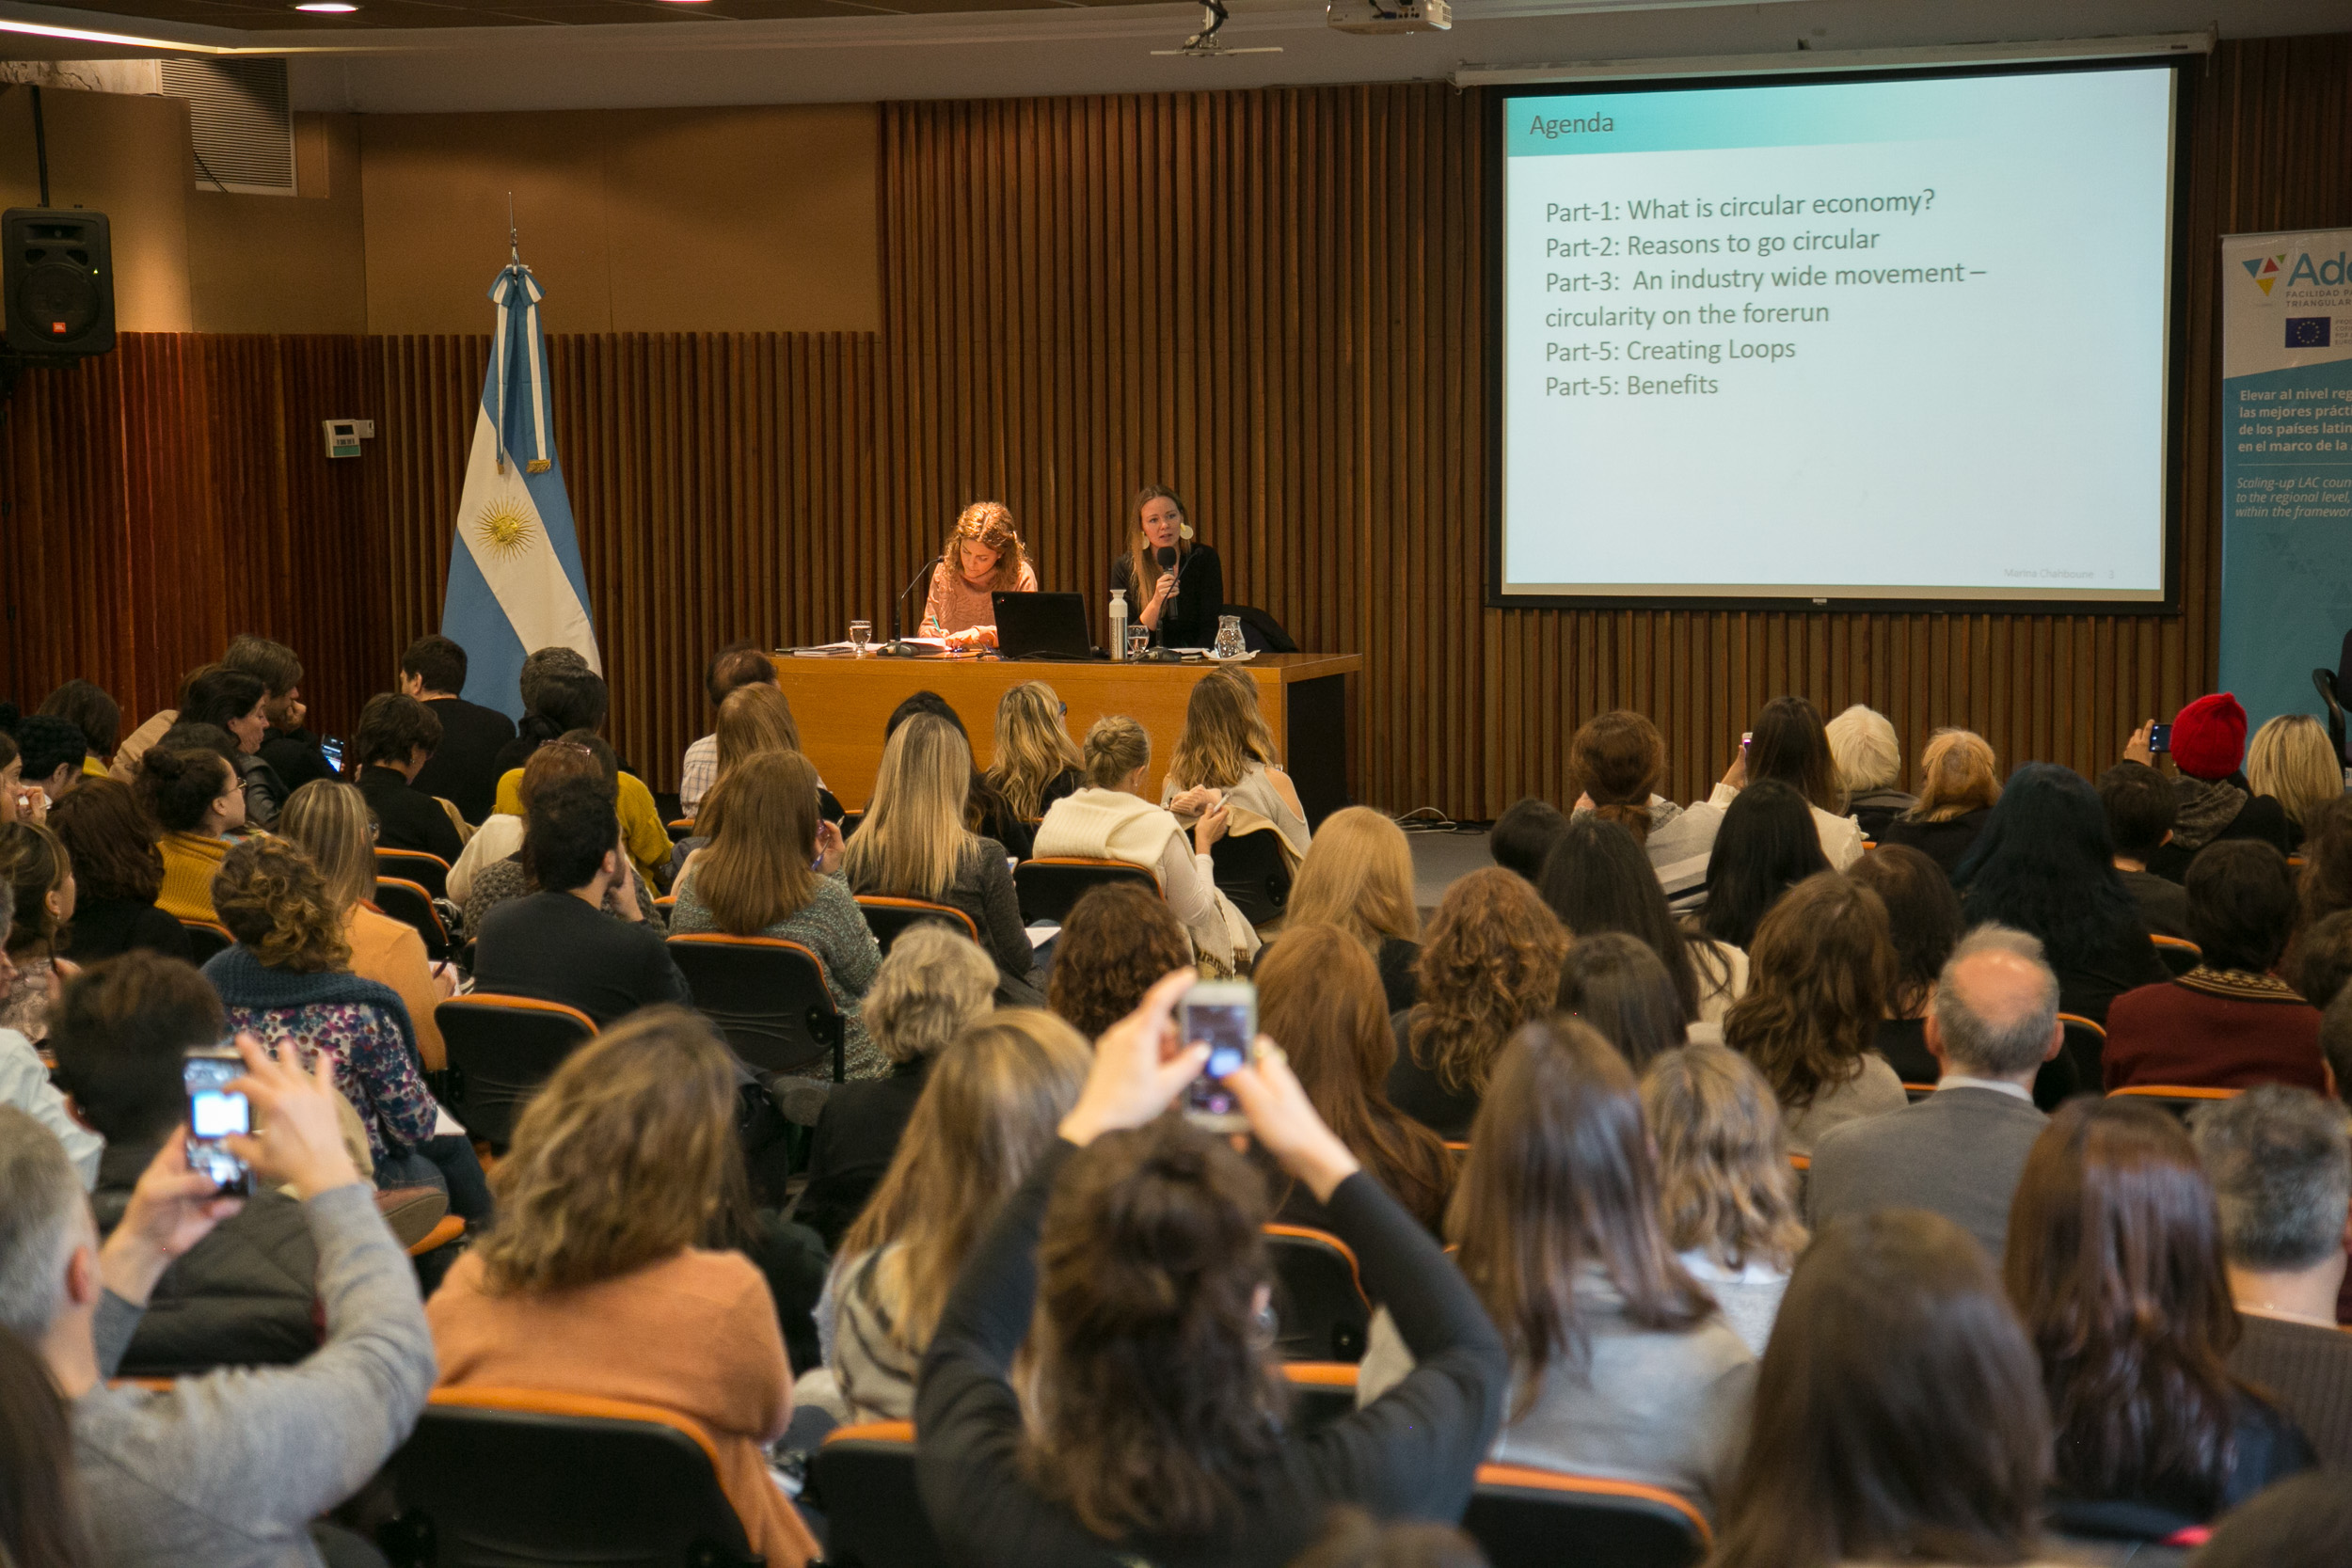 Unas 200 personas participaron de la conferencia sobre economía circular en INTI, Buenos Aires.